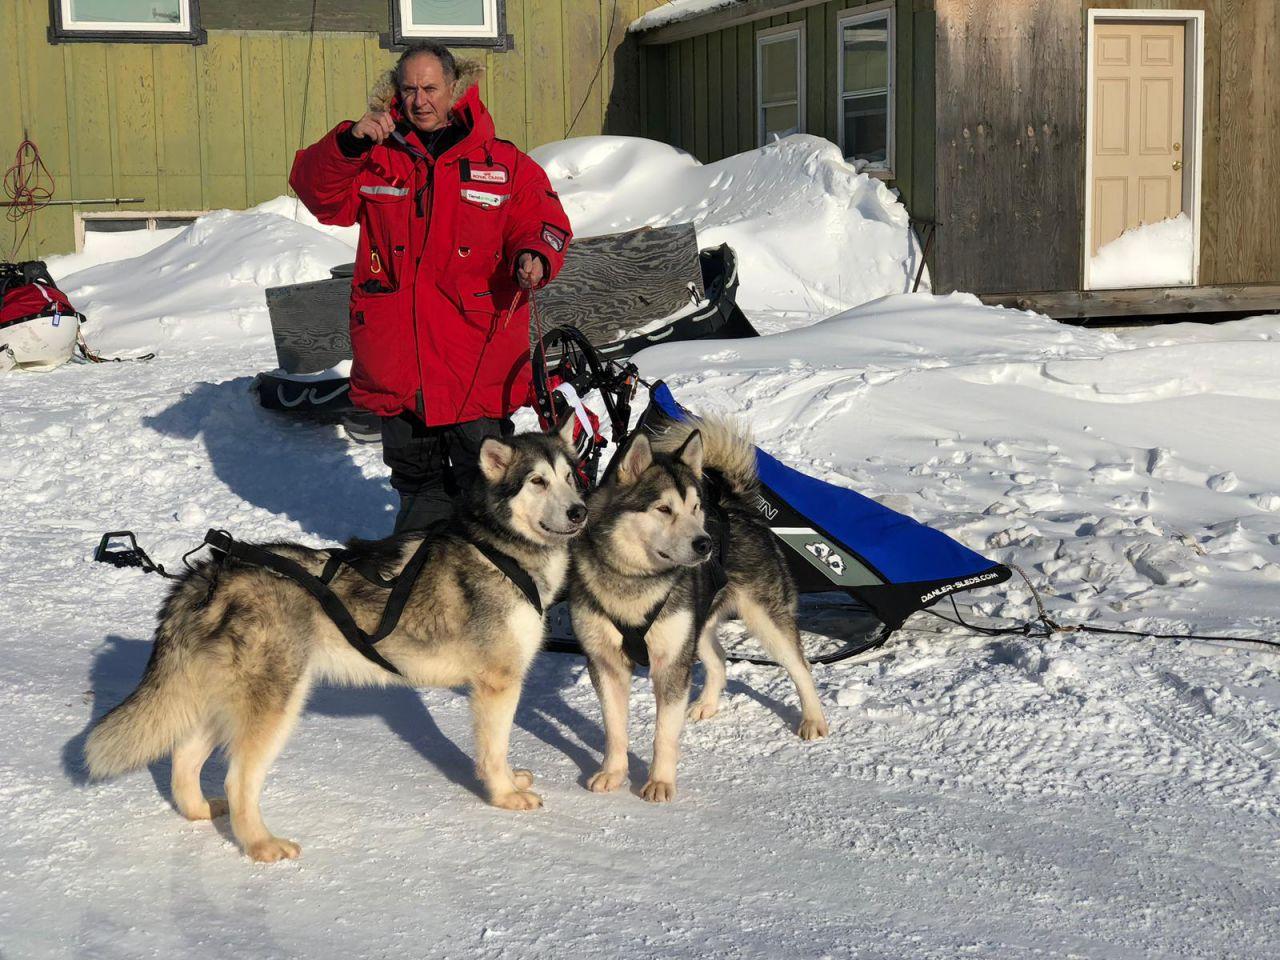 Manuel Calvo culminará en Alaska la última aventura de Félix Rodríguez de la Fuente